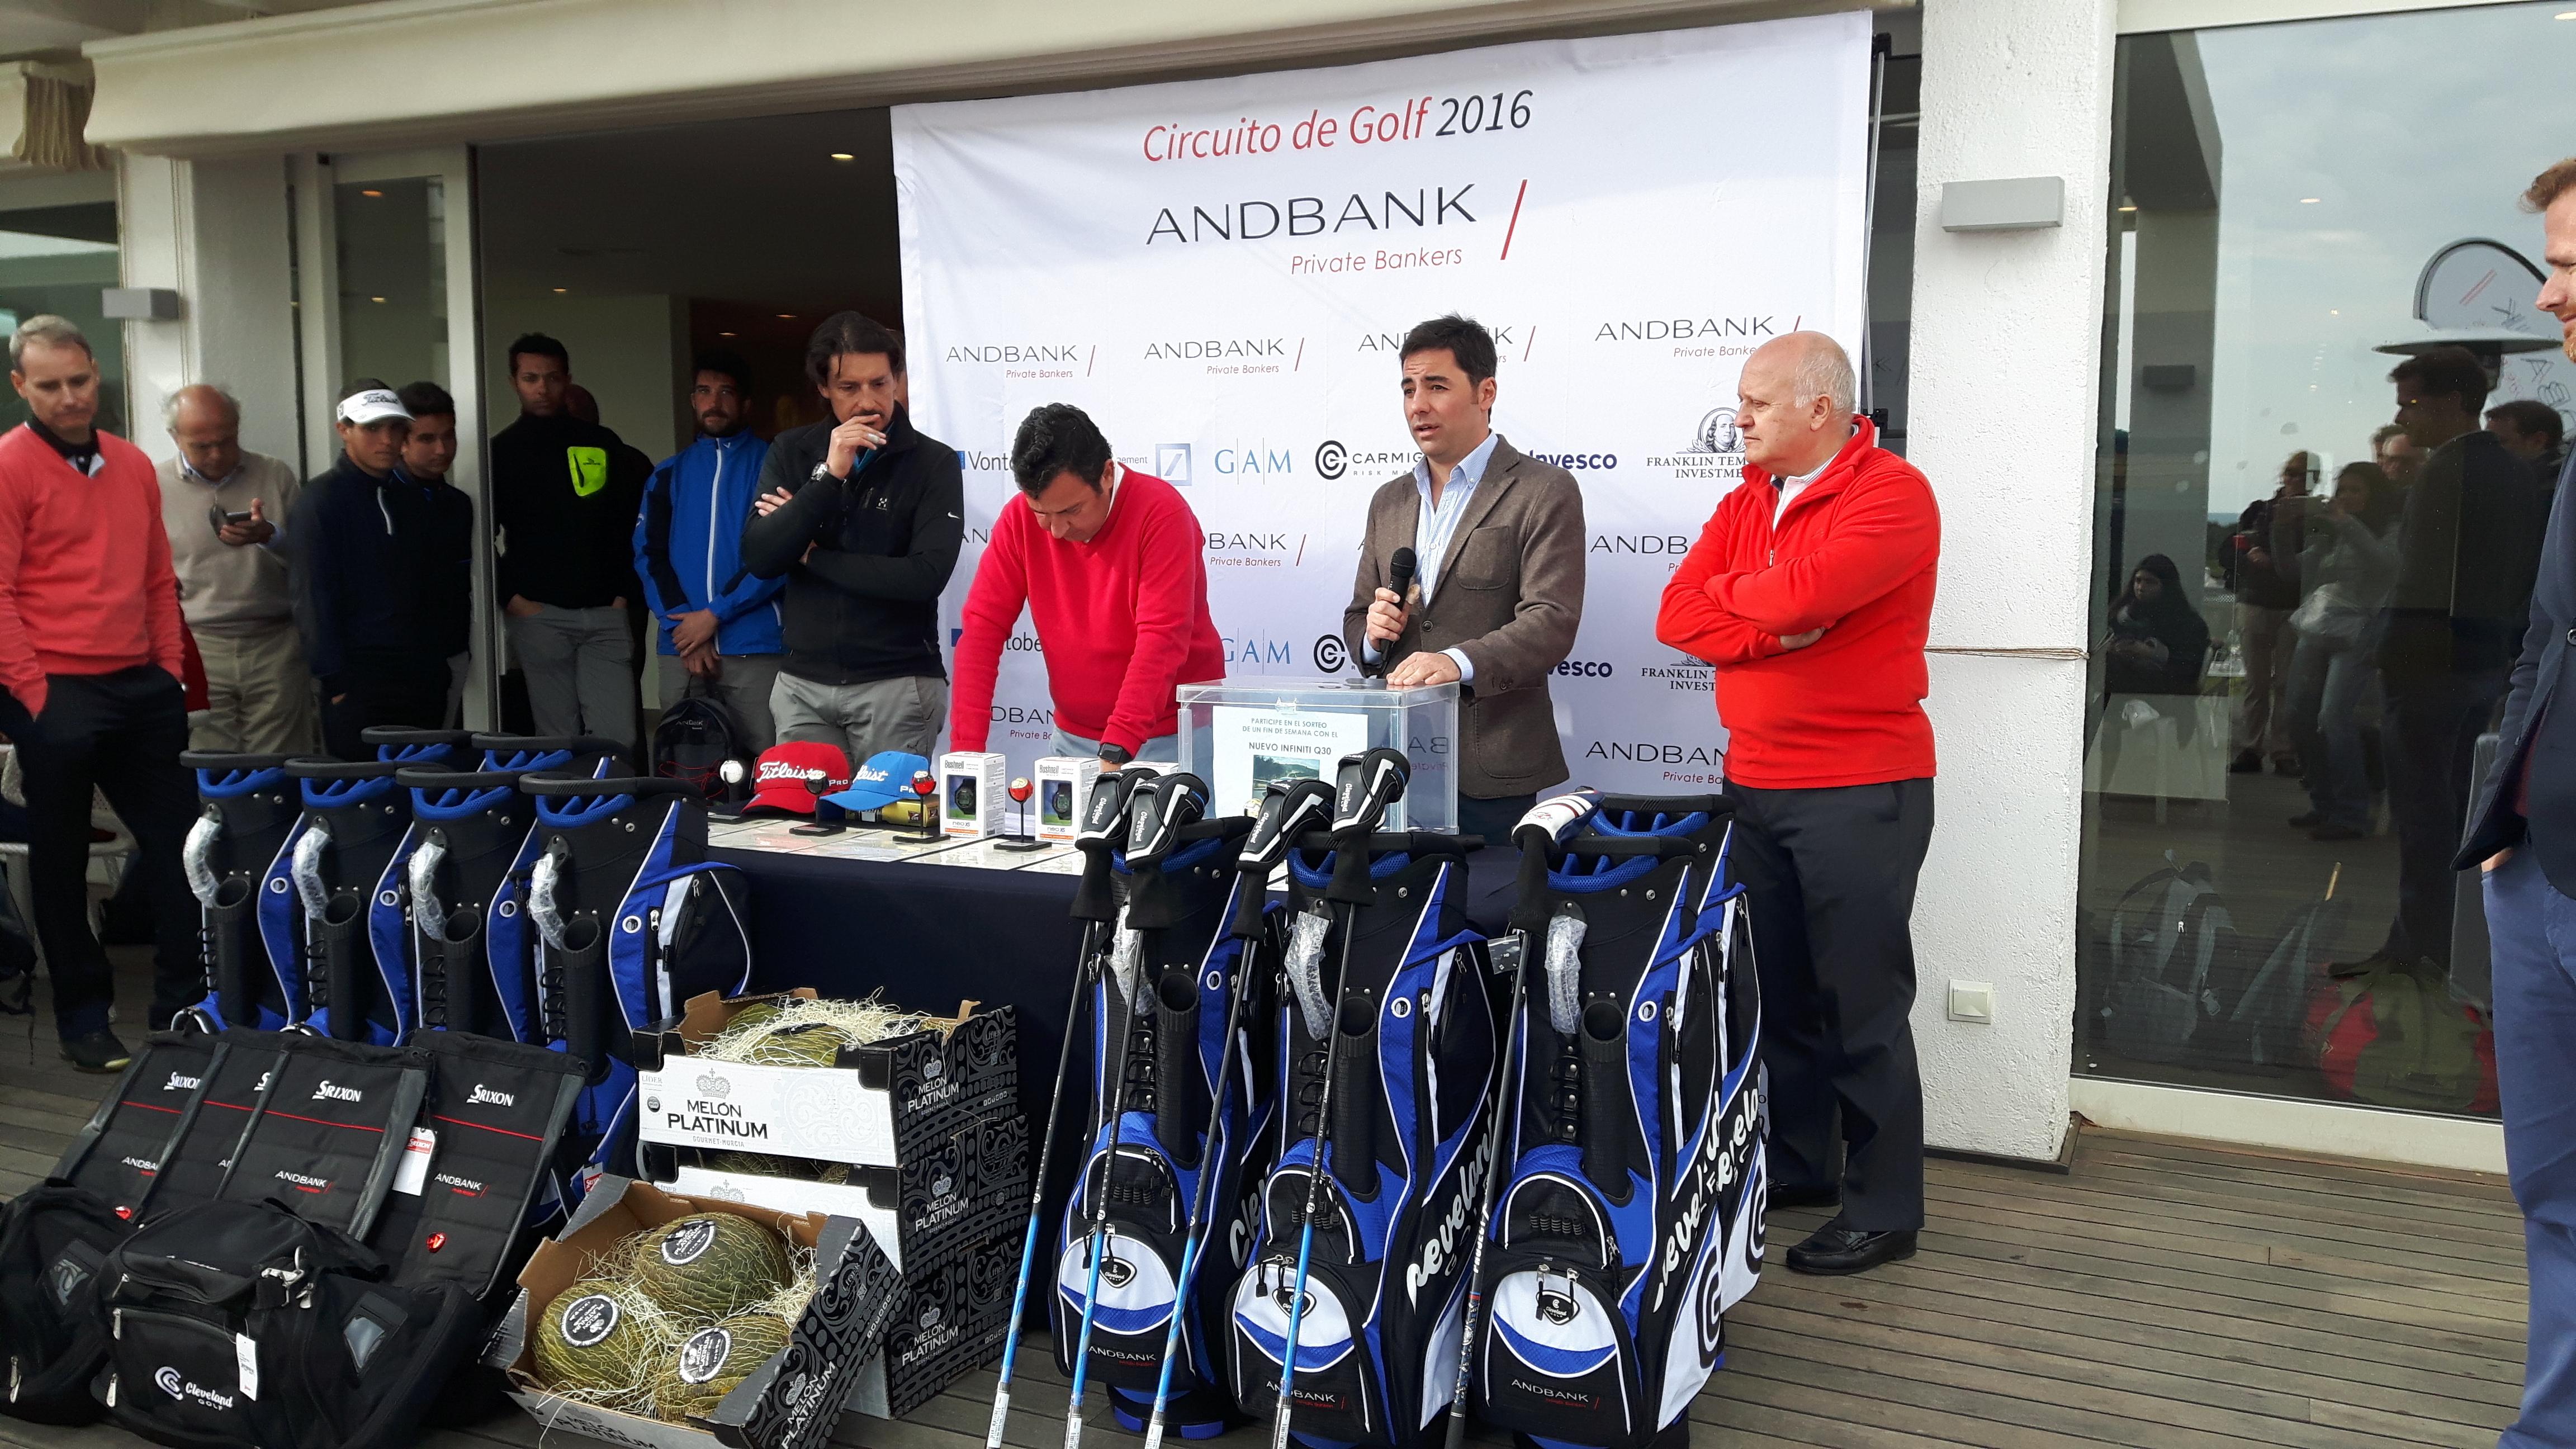 El primer torneo del circuito de golf Andbank reúne a más de 80 jugadores en Sitges